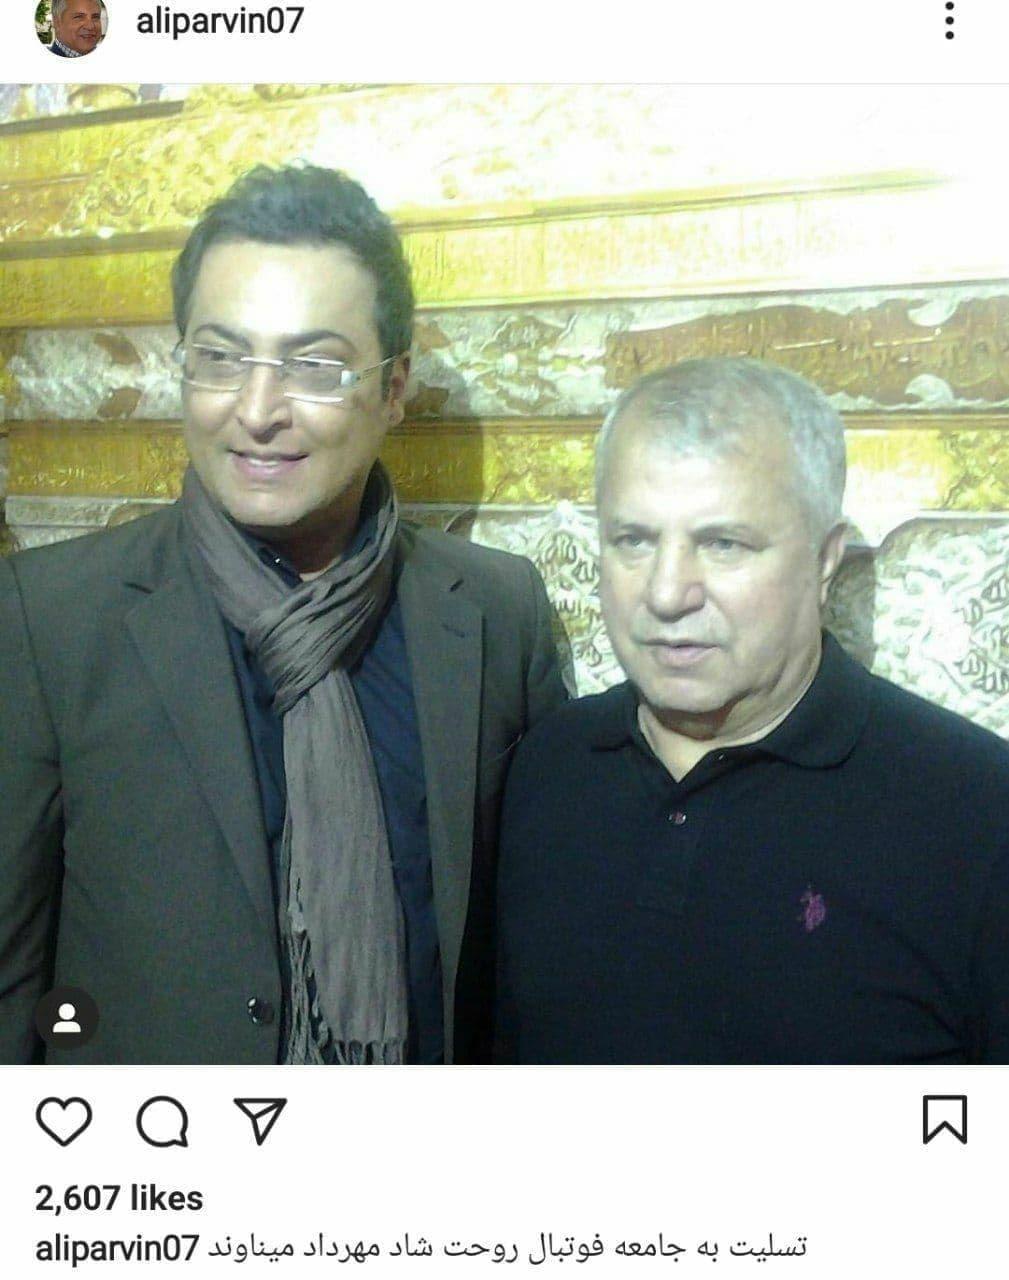 مهرداد میناوند درگذشت / موج تسلیت ستارههای فوتبال